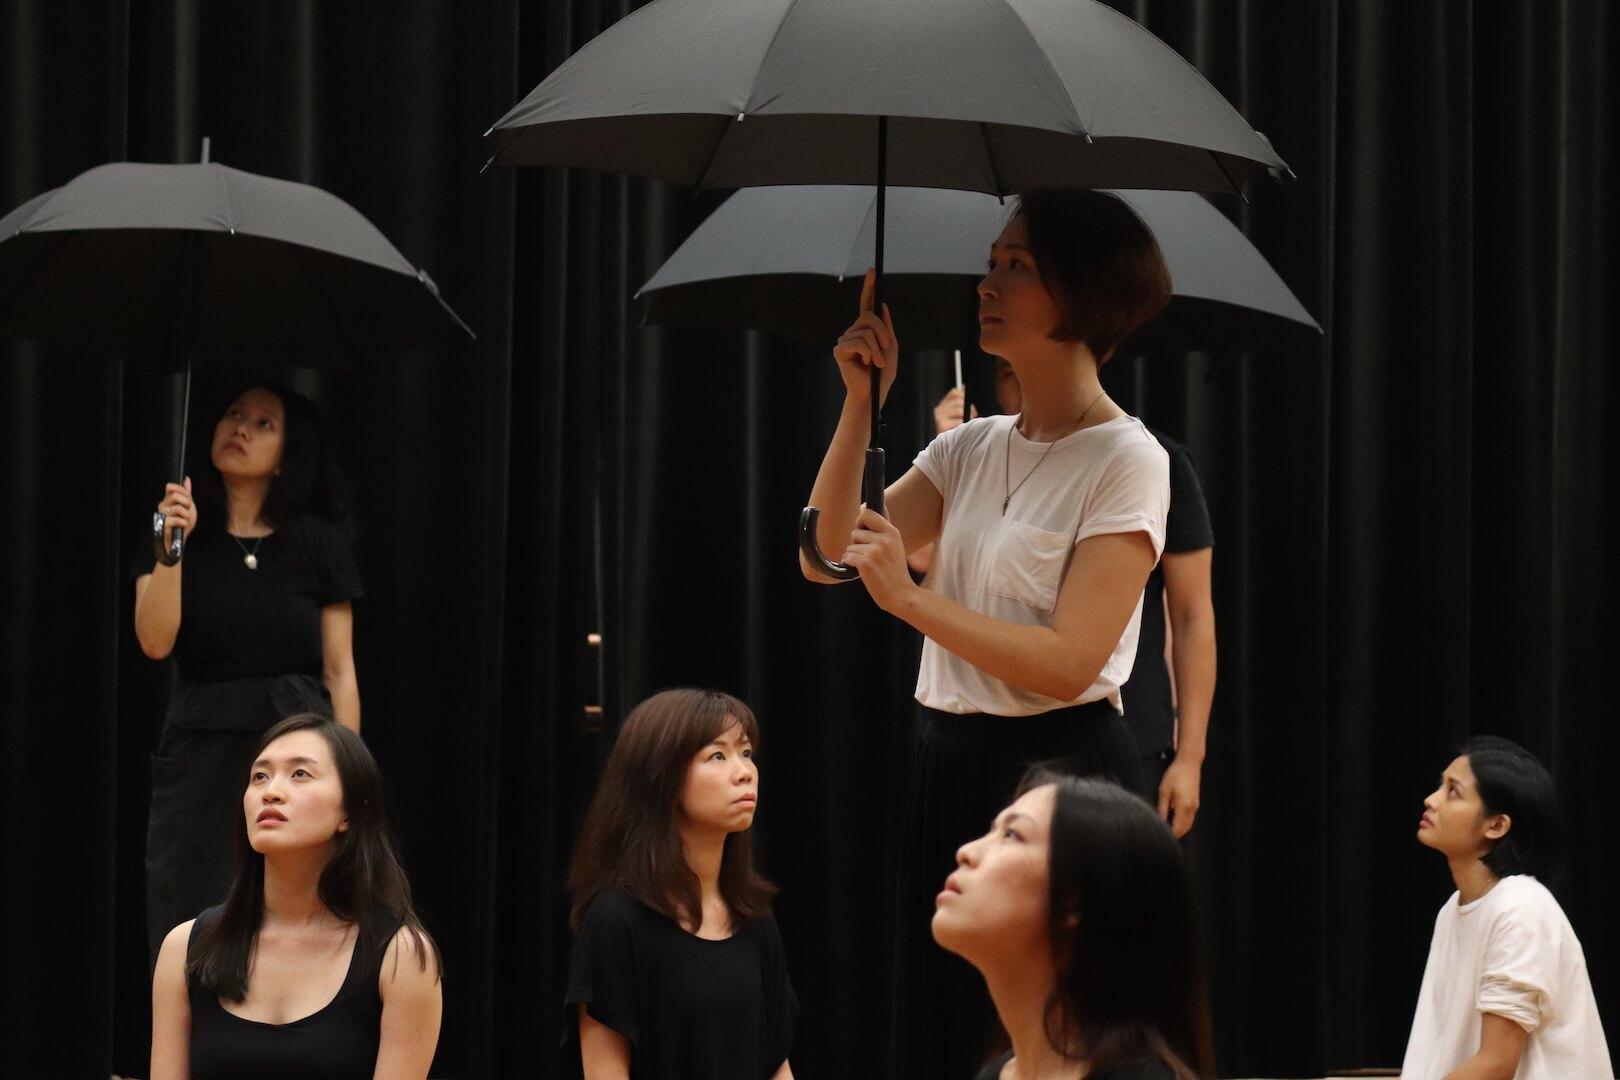 劇場可以讓我們抒發與梳理感受,甚至是向觀眾發問,一同探討答案,走出無力感。